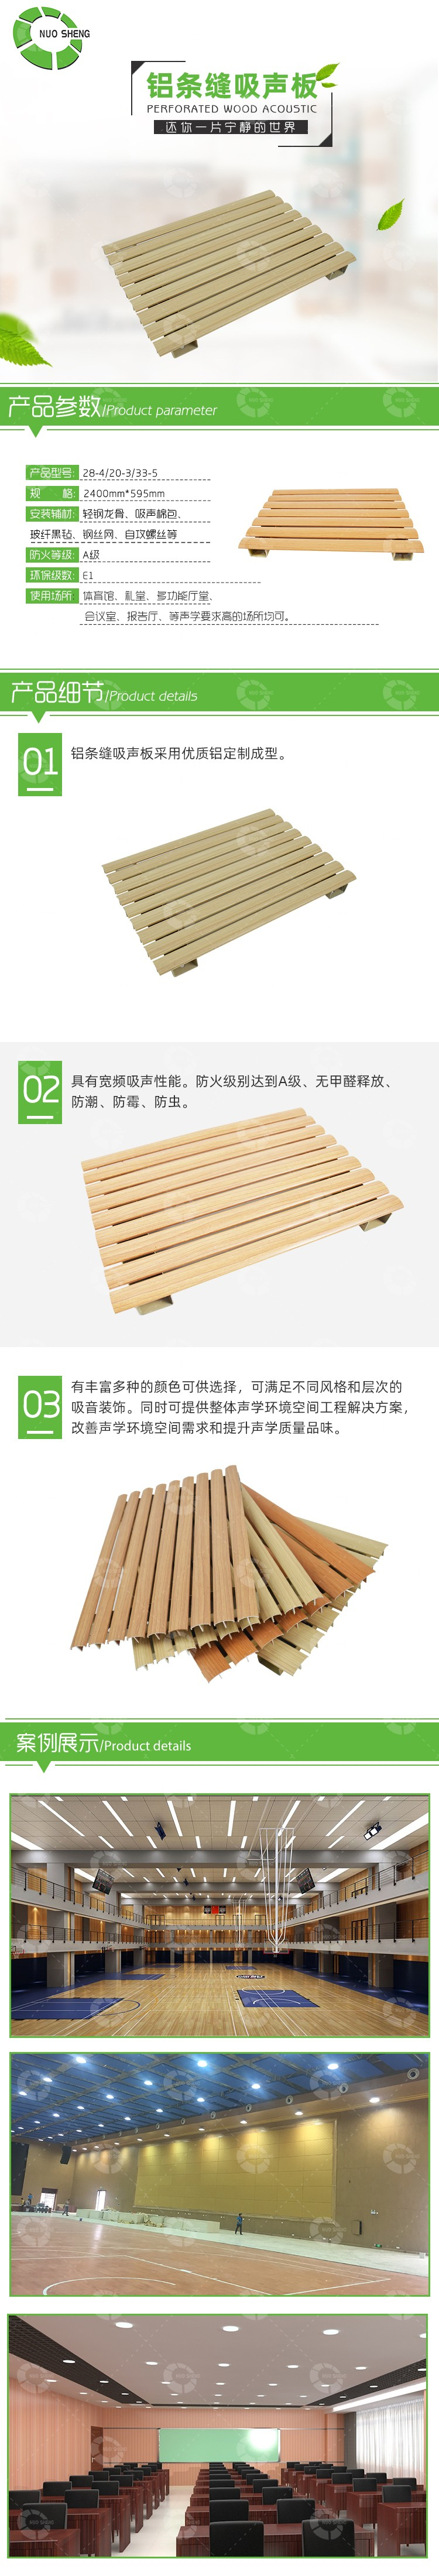 铝条缝吸声板